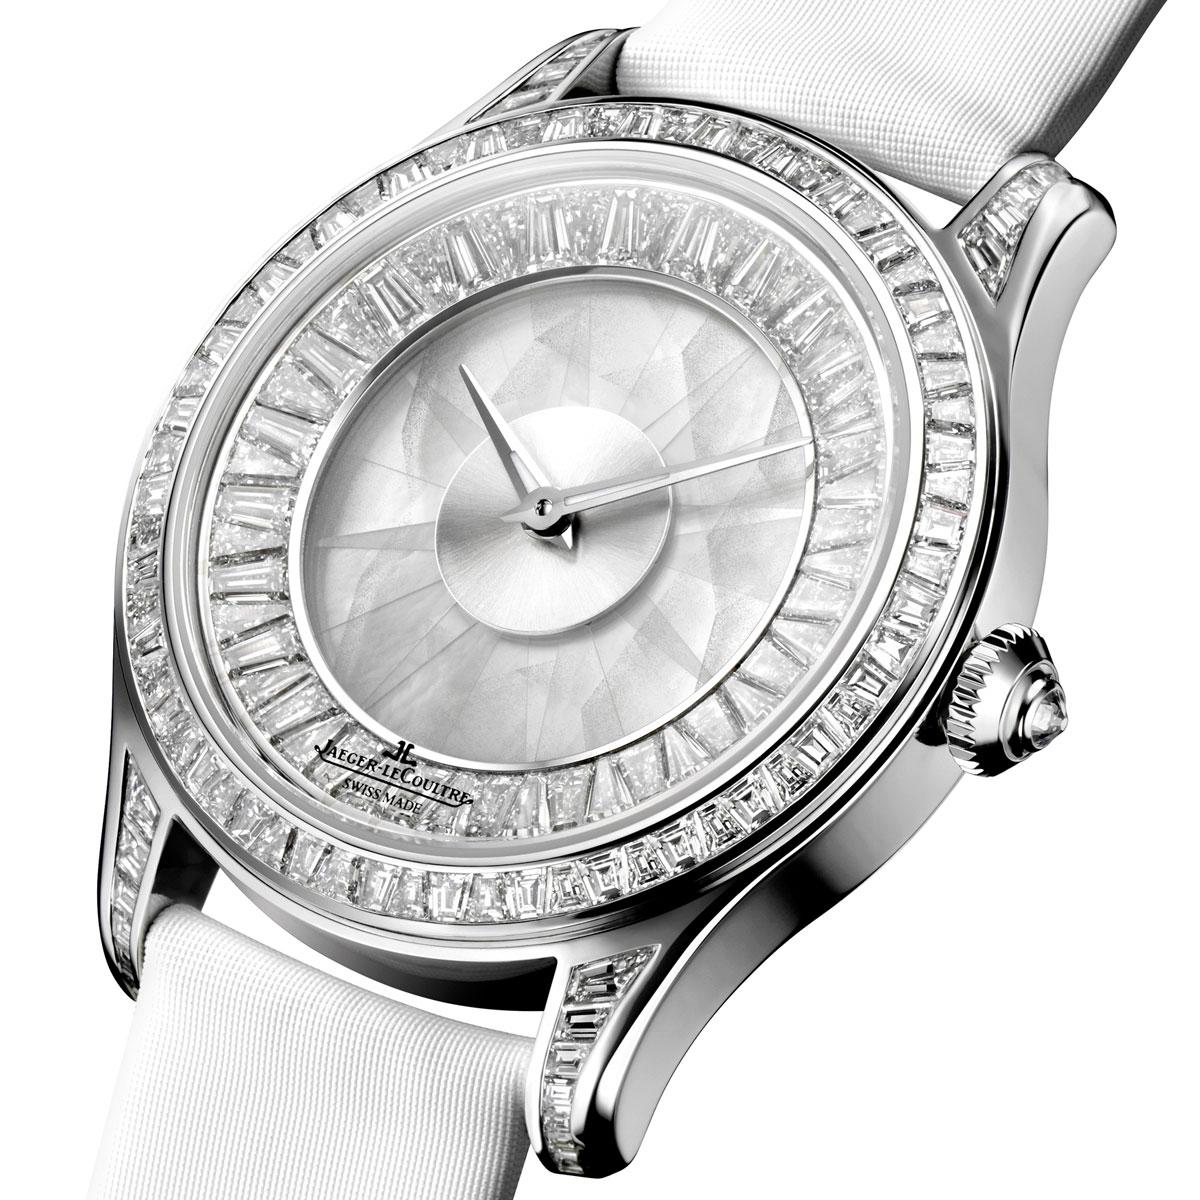 La Cote des Montres : Photo - Les montres Haute Joaillerie chez Jaeger-LeCoultre